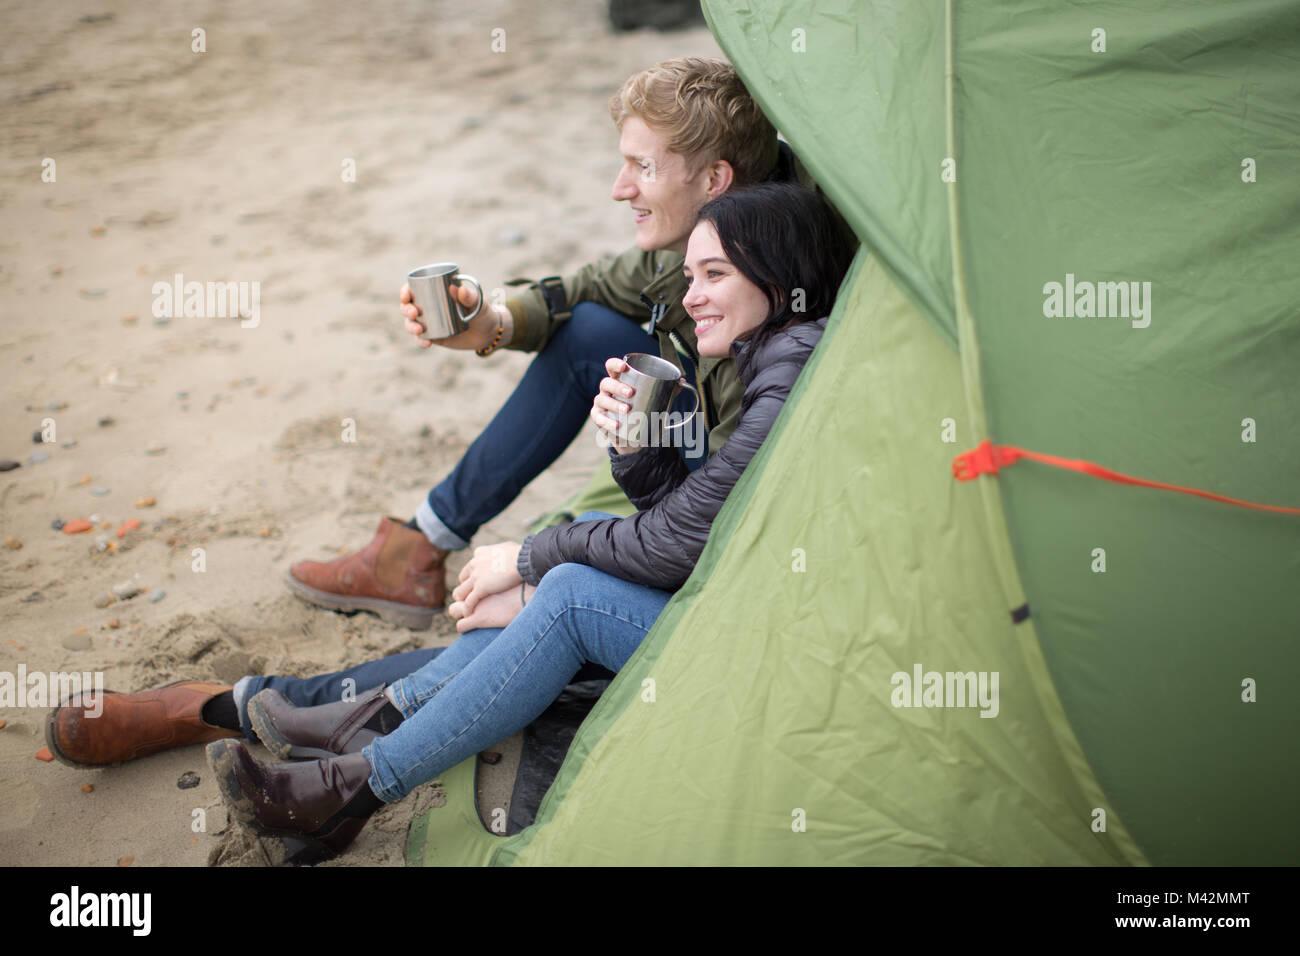 Pareja joven acampando en la playa en otoño Imagen De Stock